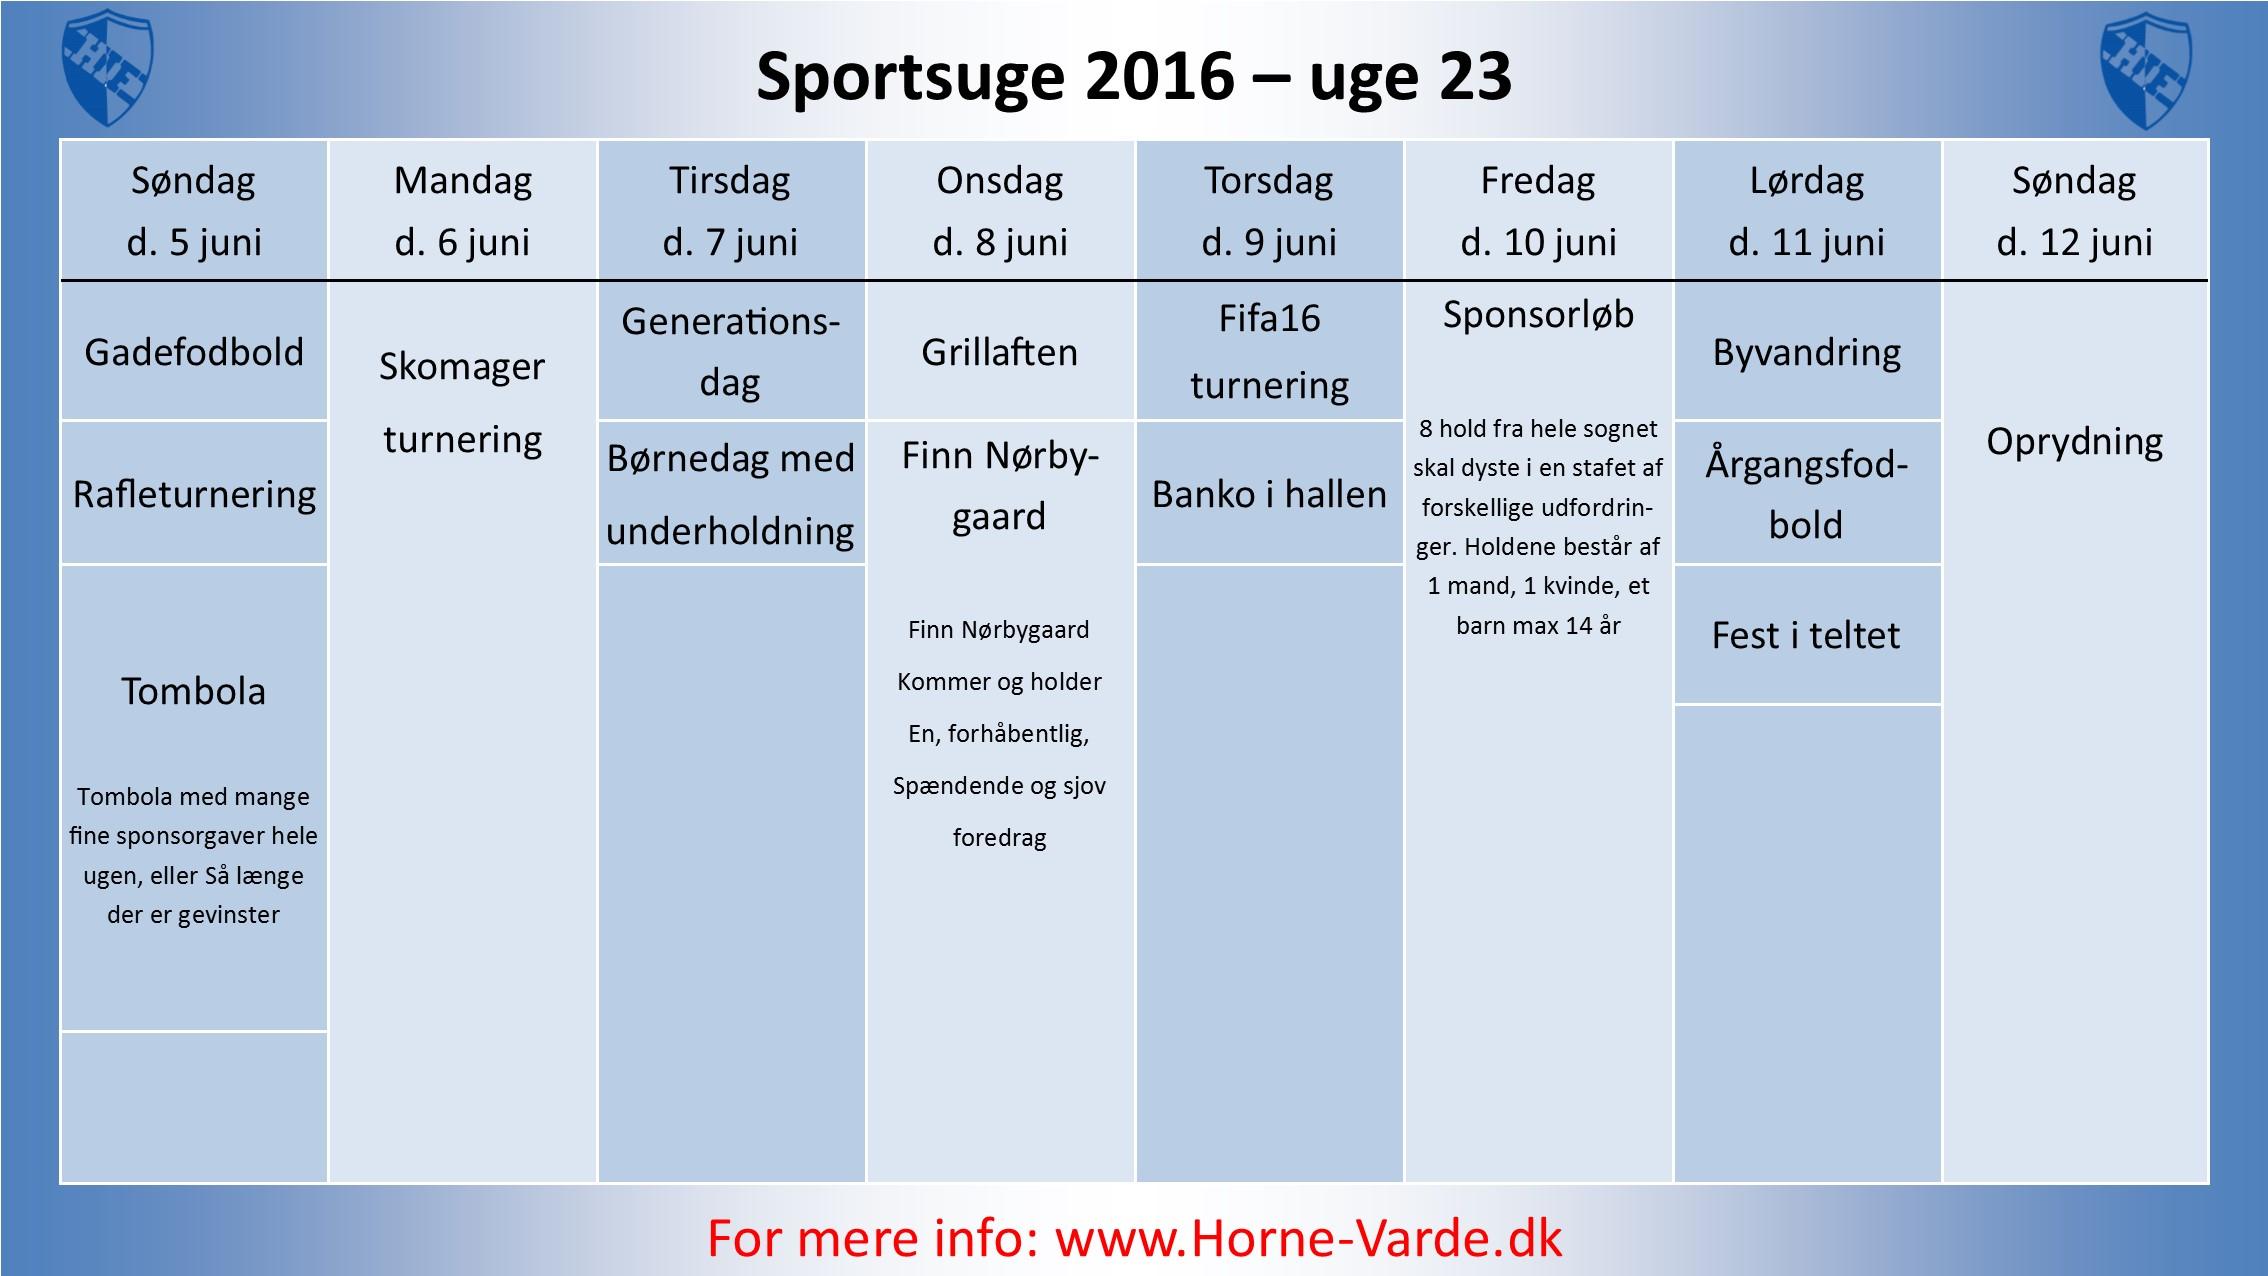 Sporsugeplan 2016